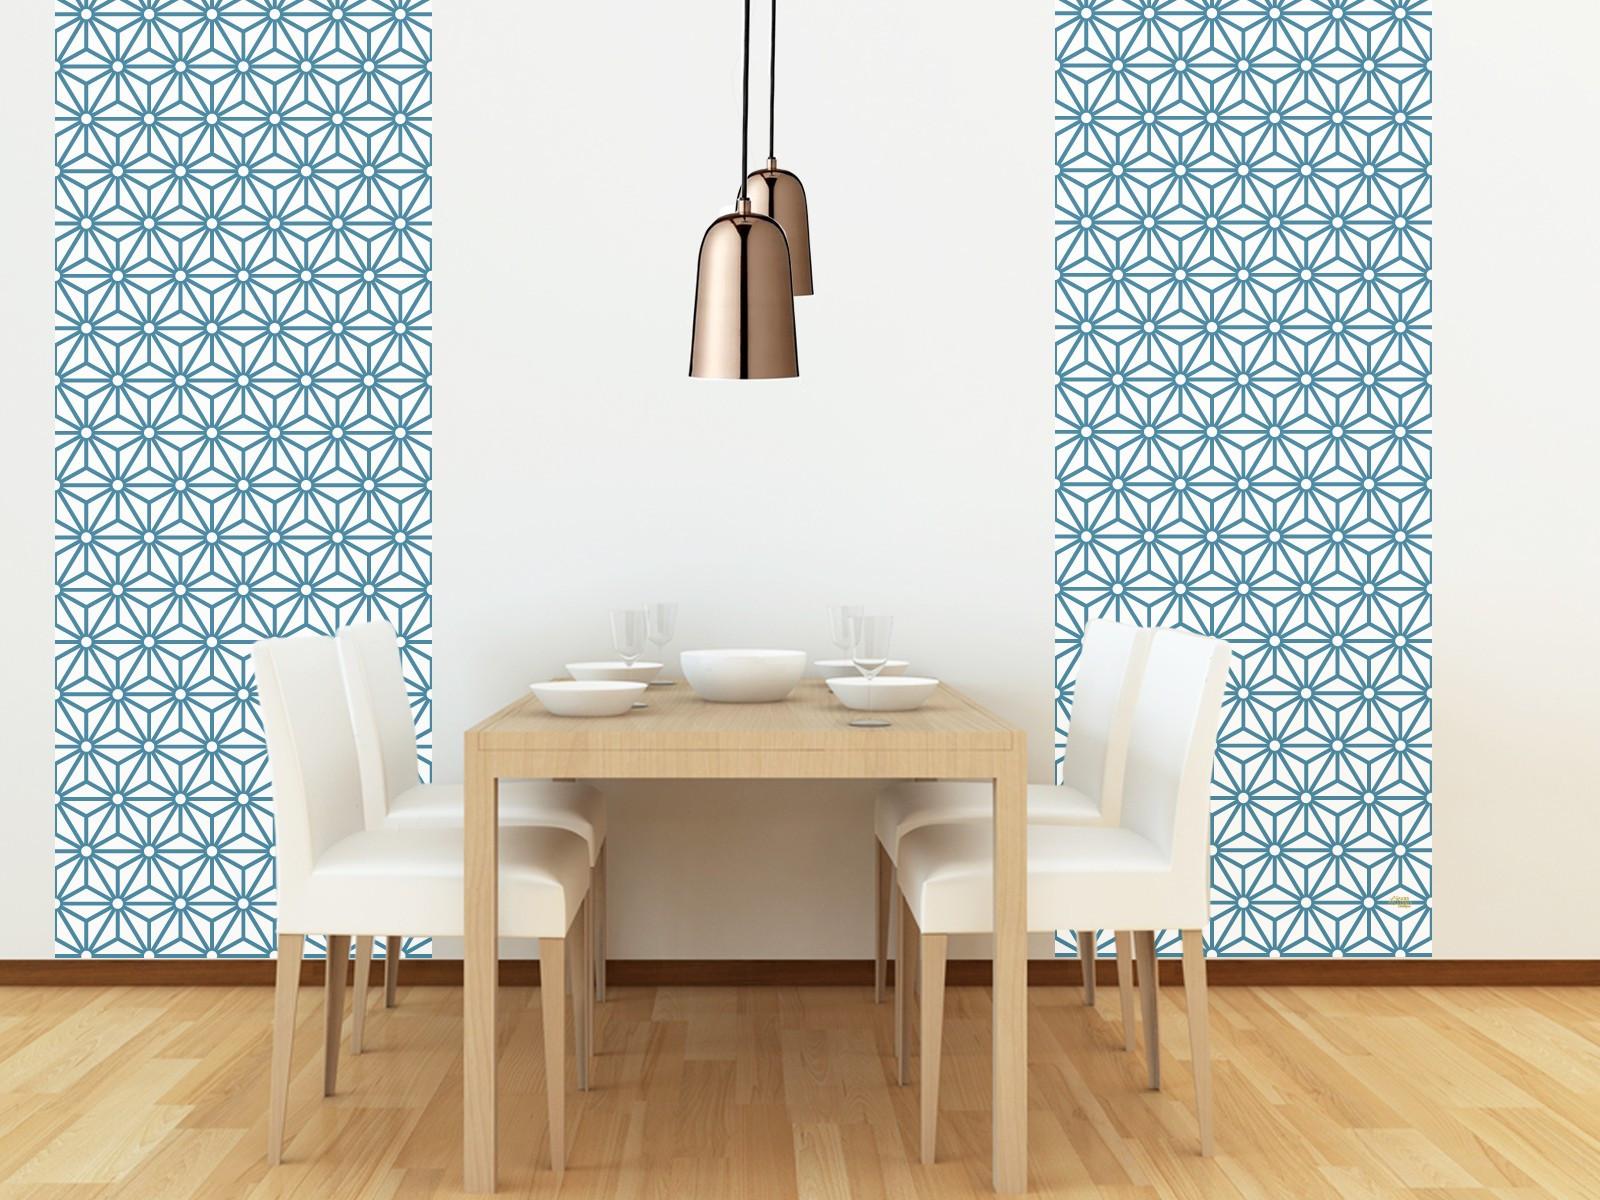 Papier peint adh sif motifs g om triques mod le sterling for Modele tapisserie chambre